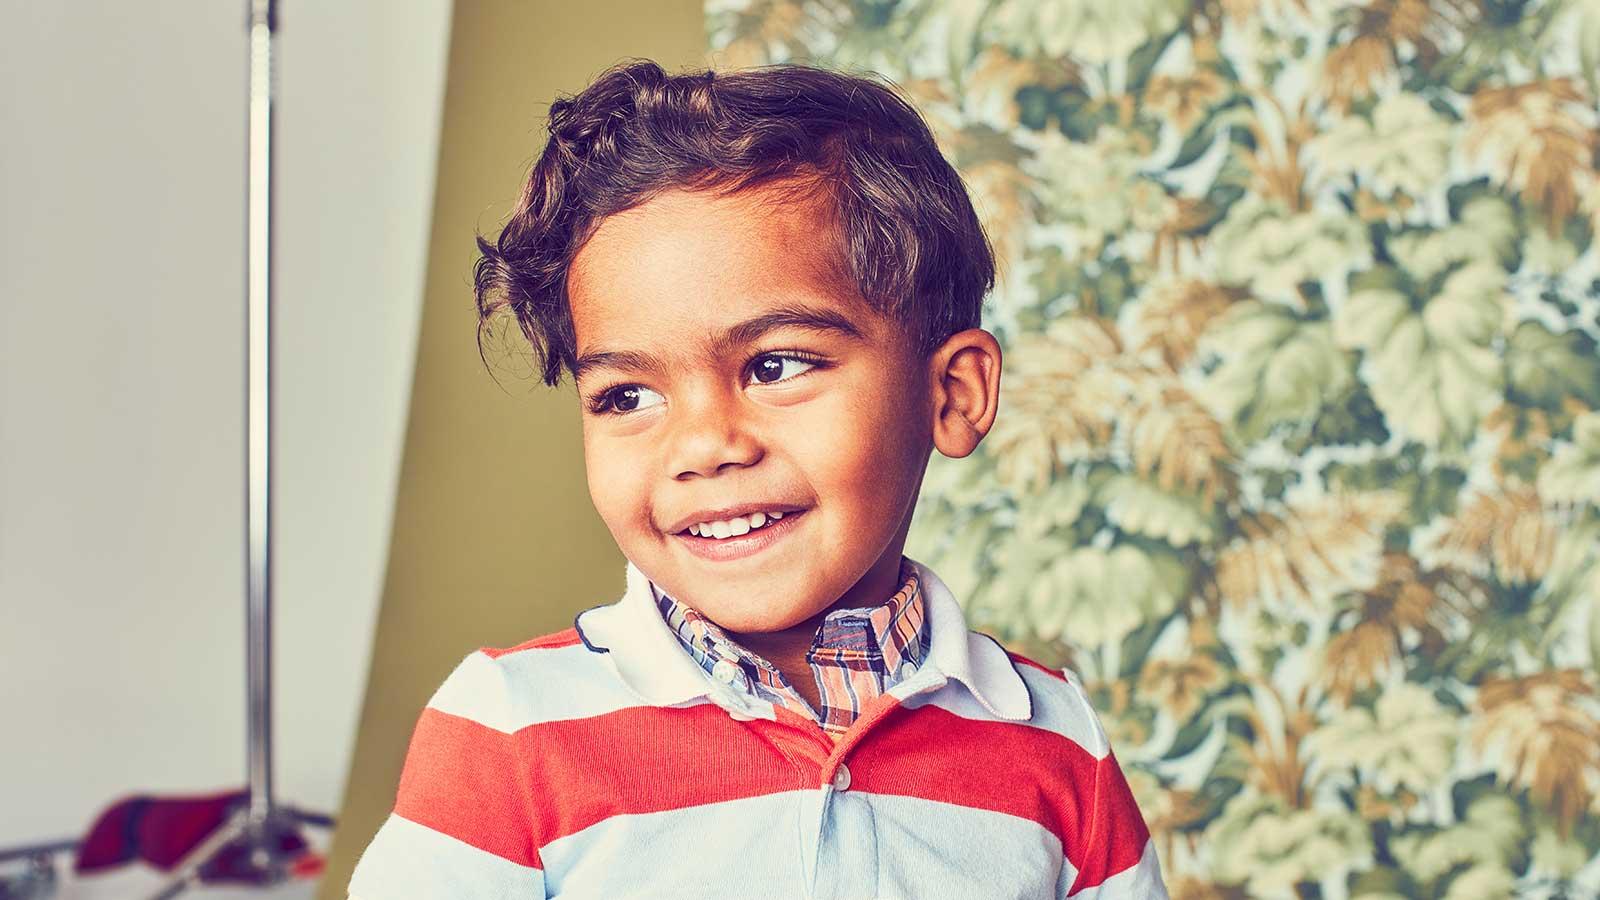 Young boy wearing a stipped shirt